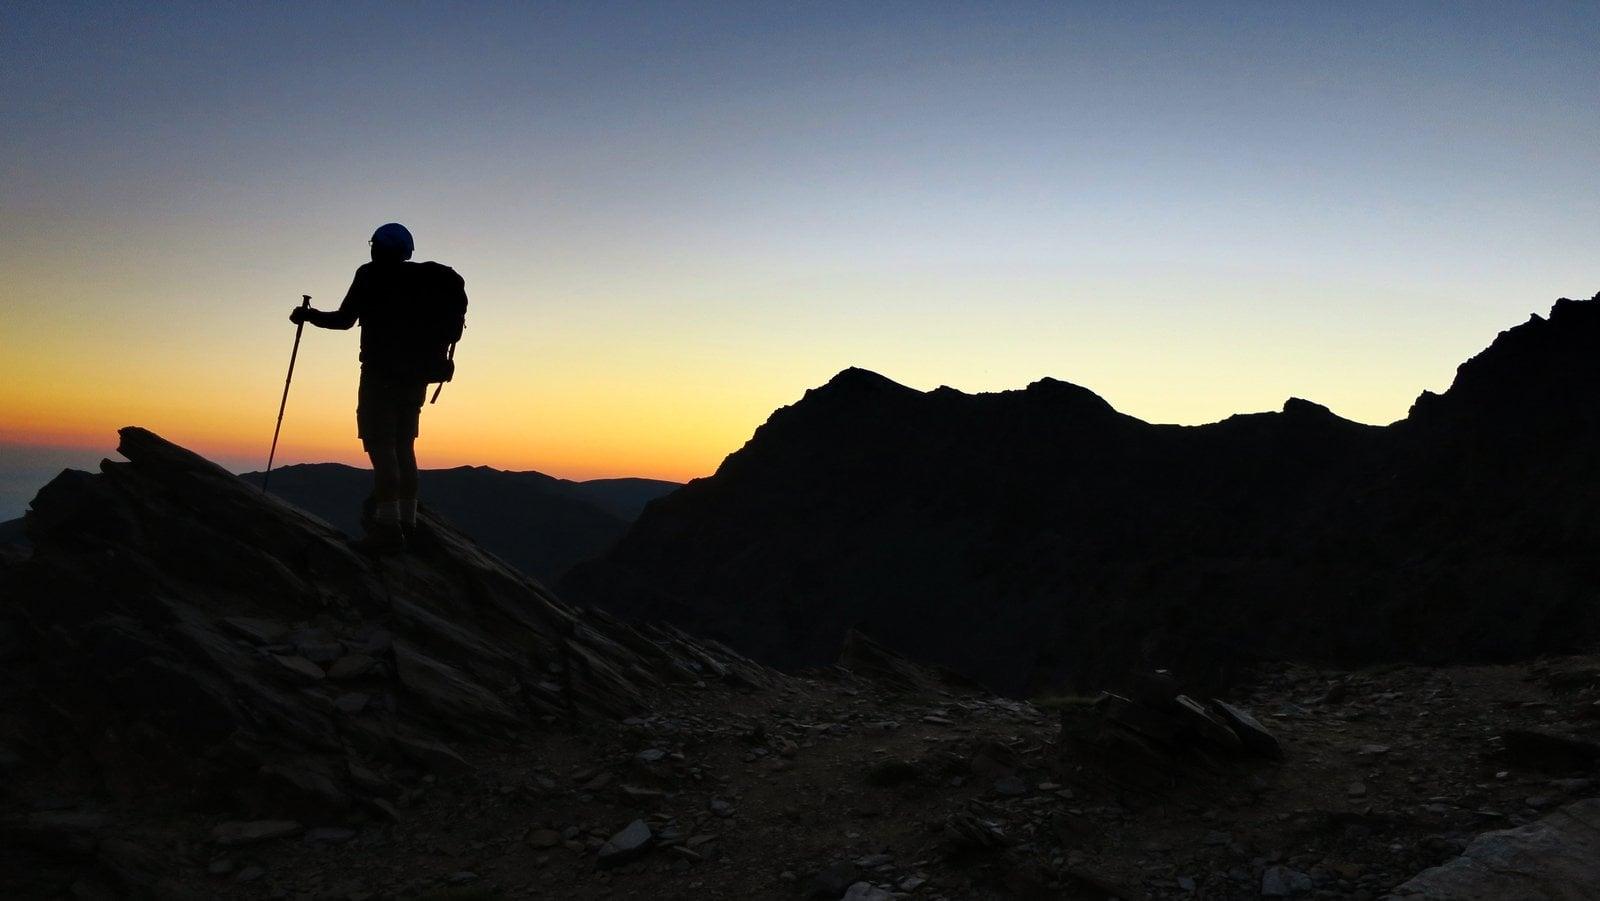 Silhouette near the Collado del Ciervo